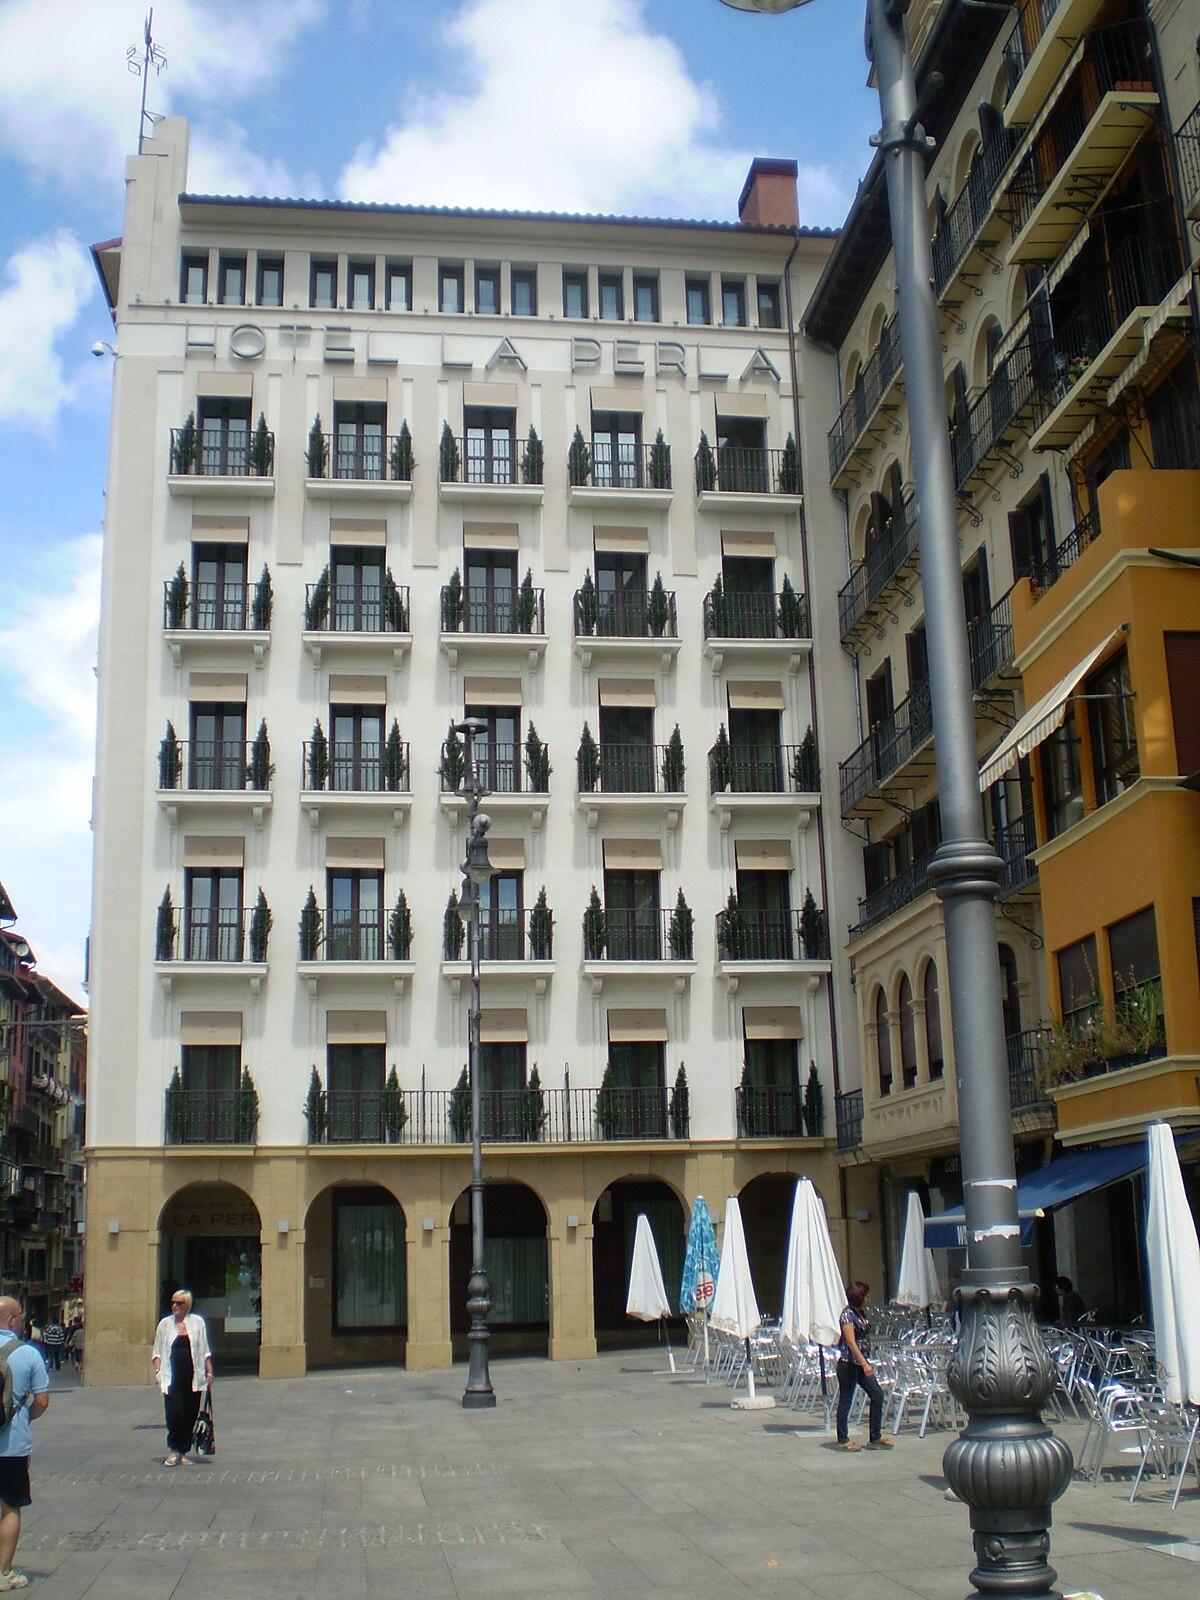 Hotel La Perla - Wikipedia